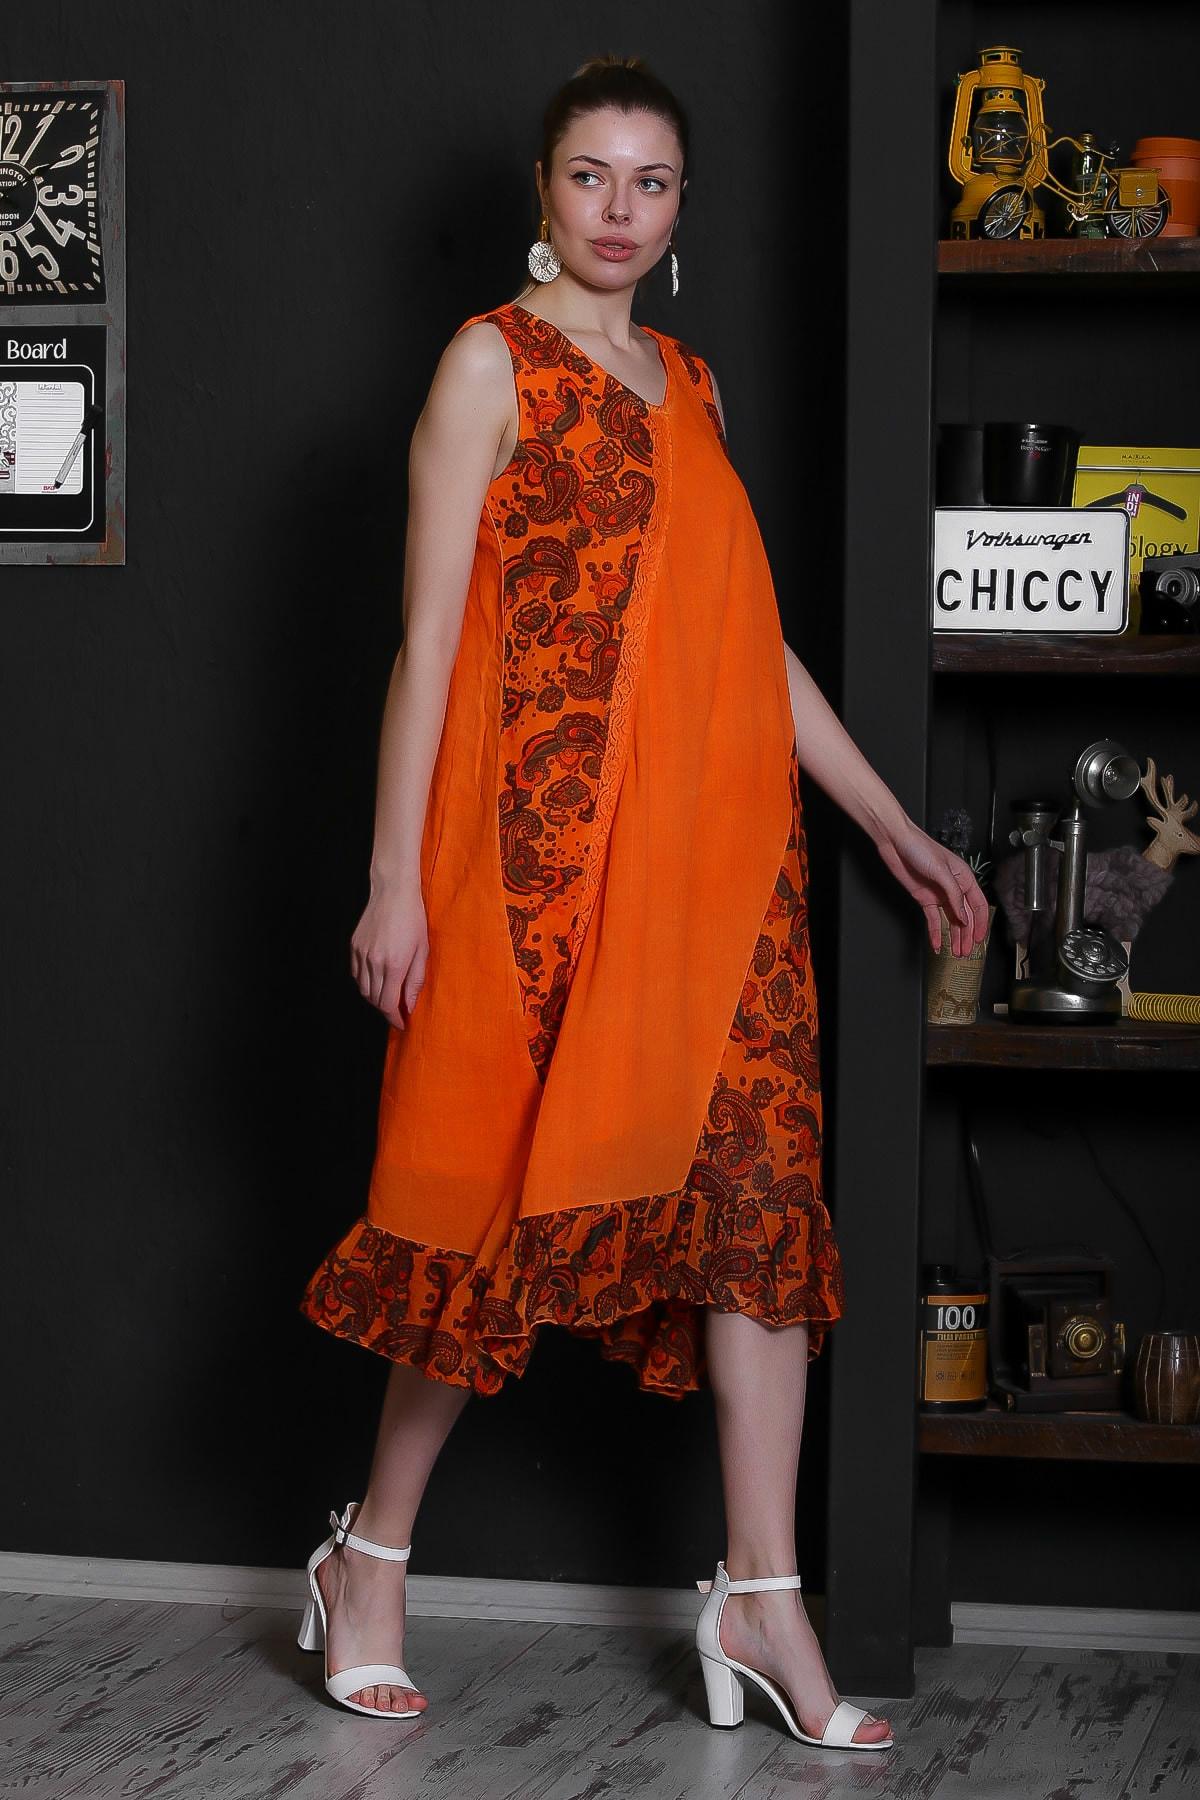 Chiccy Kadın Turuncu V Yaka Kolsuz Şal Desenli Tülbent Detaylı Kopenakili Astarlı Elbise M10160000EL95319 3